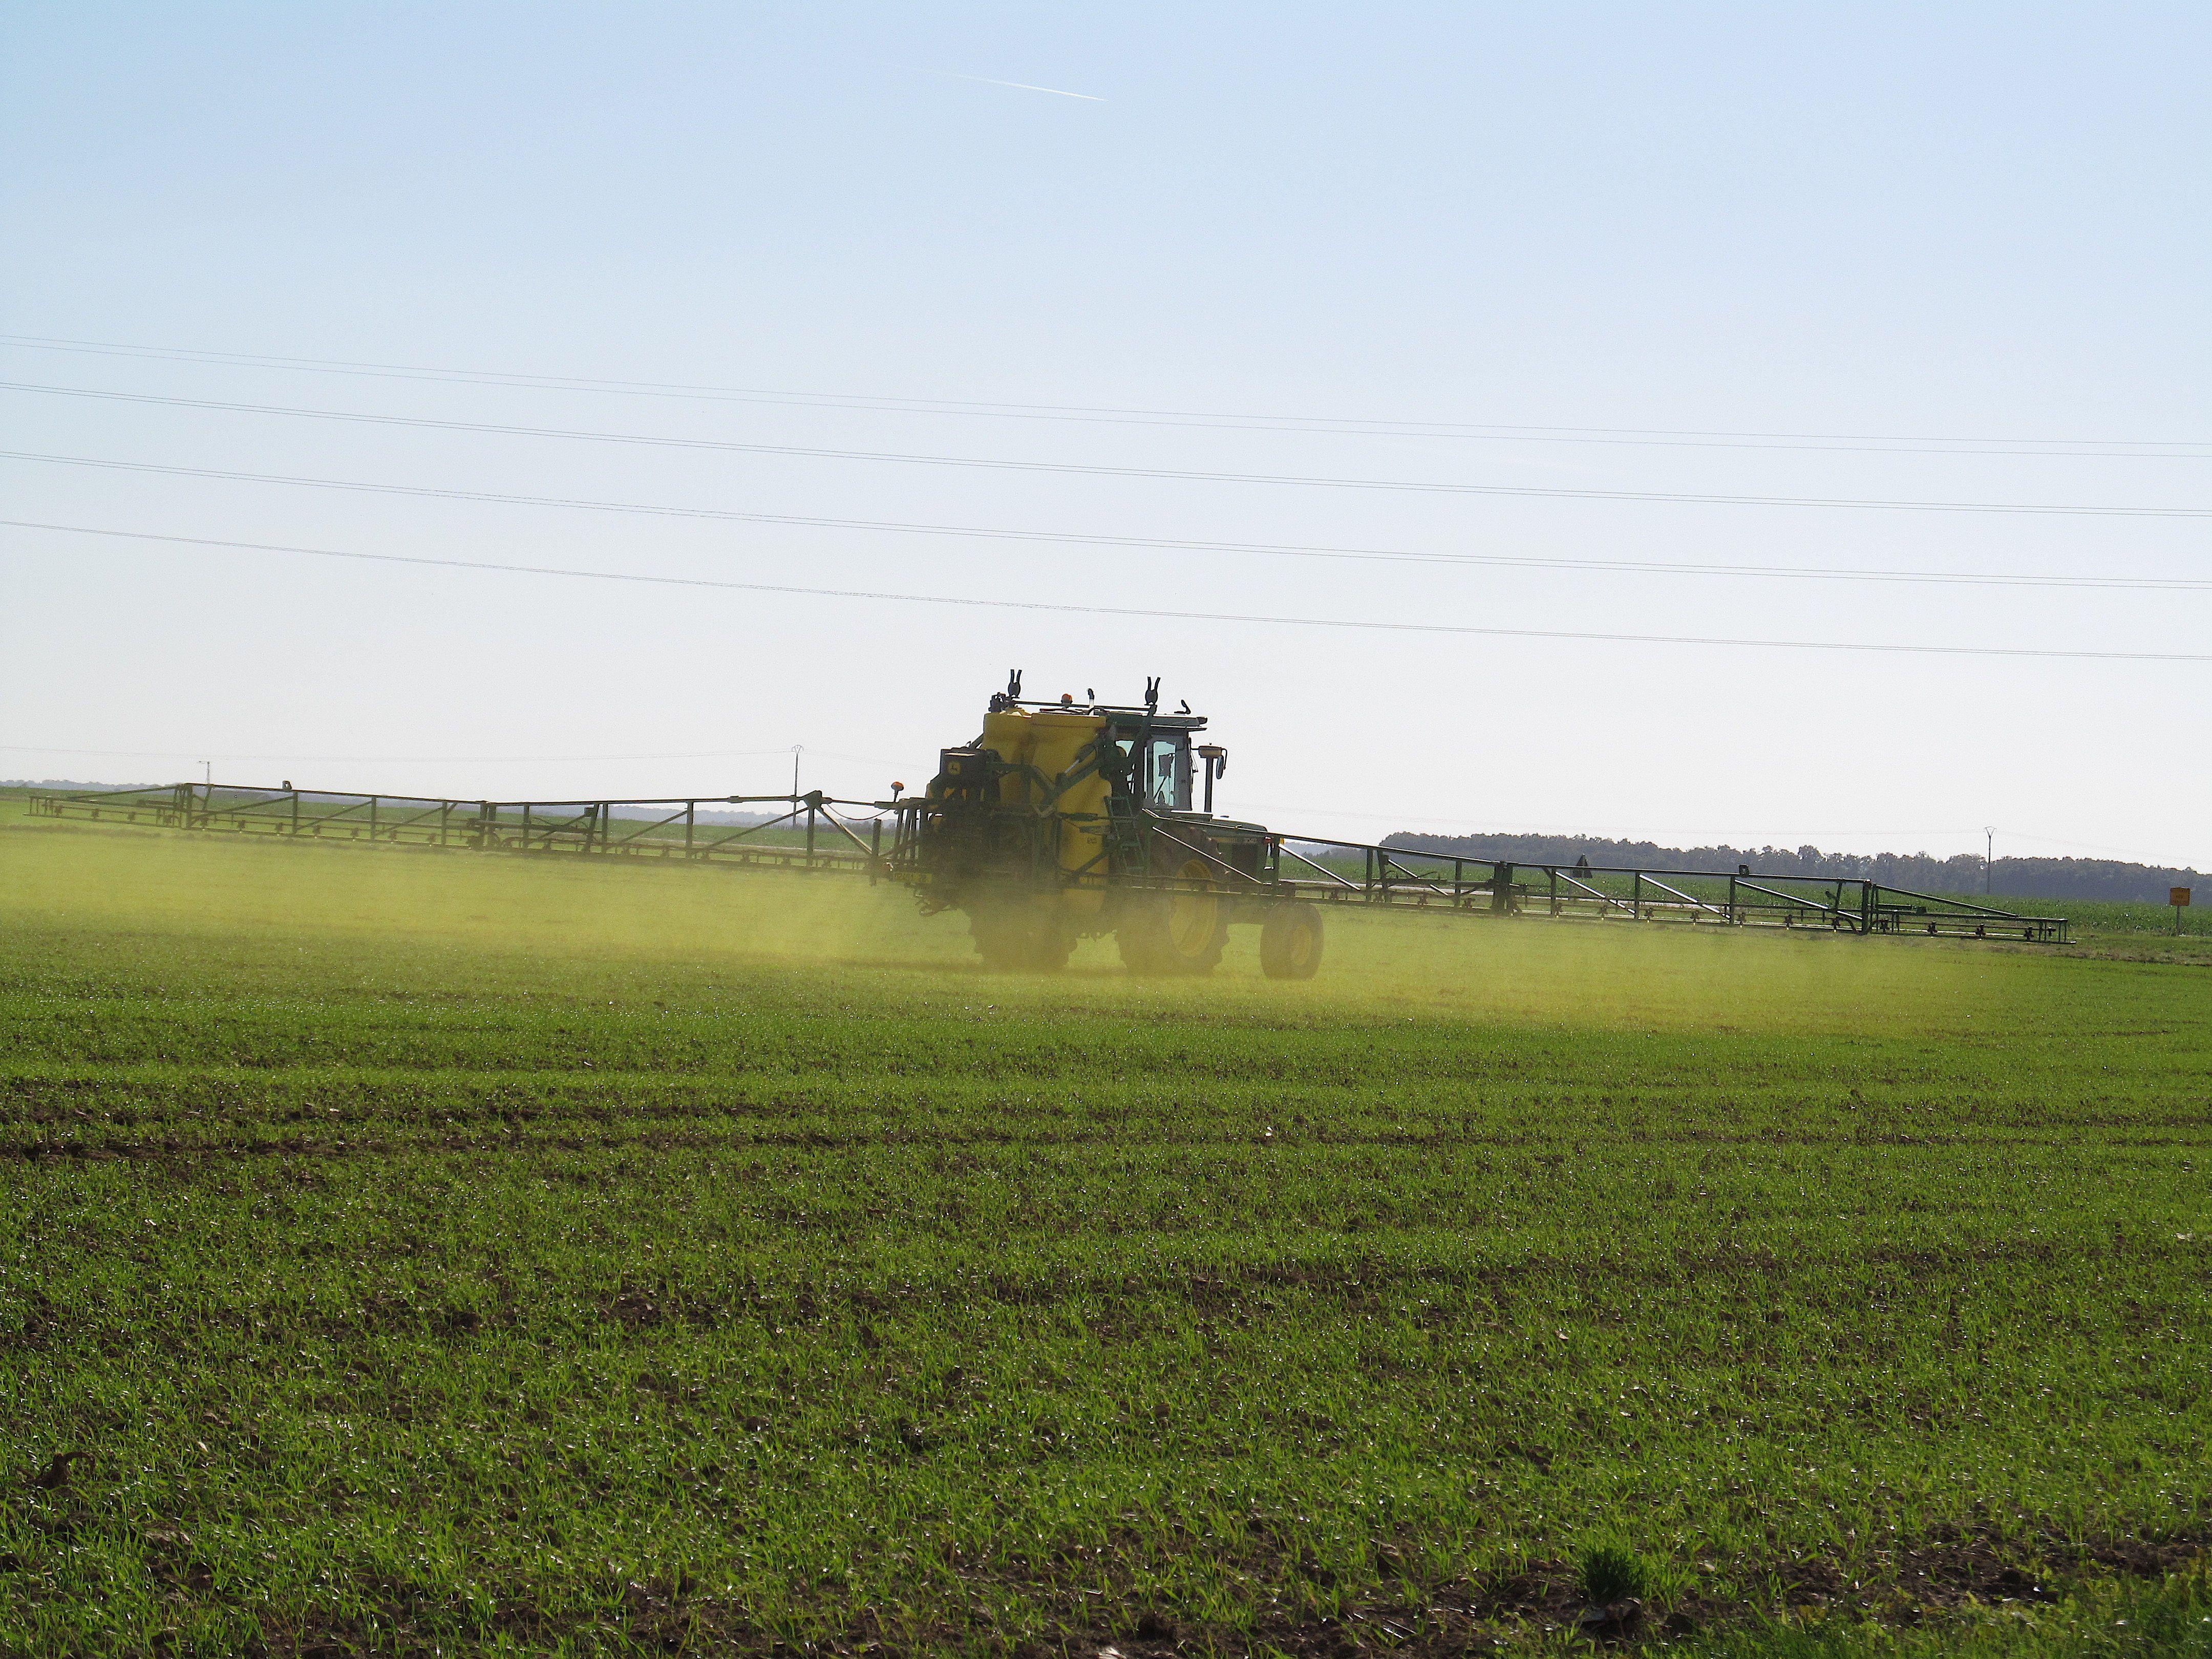 Glyphosate et cancer : une étude de grande ampleur relance le débat